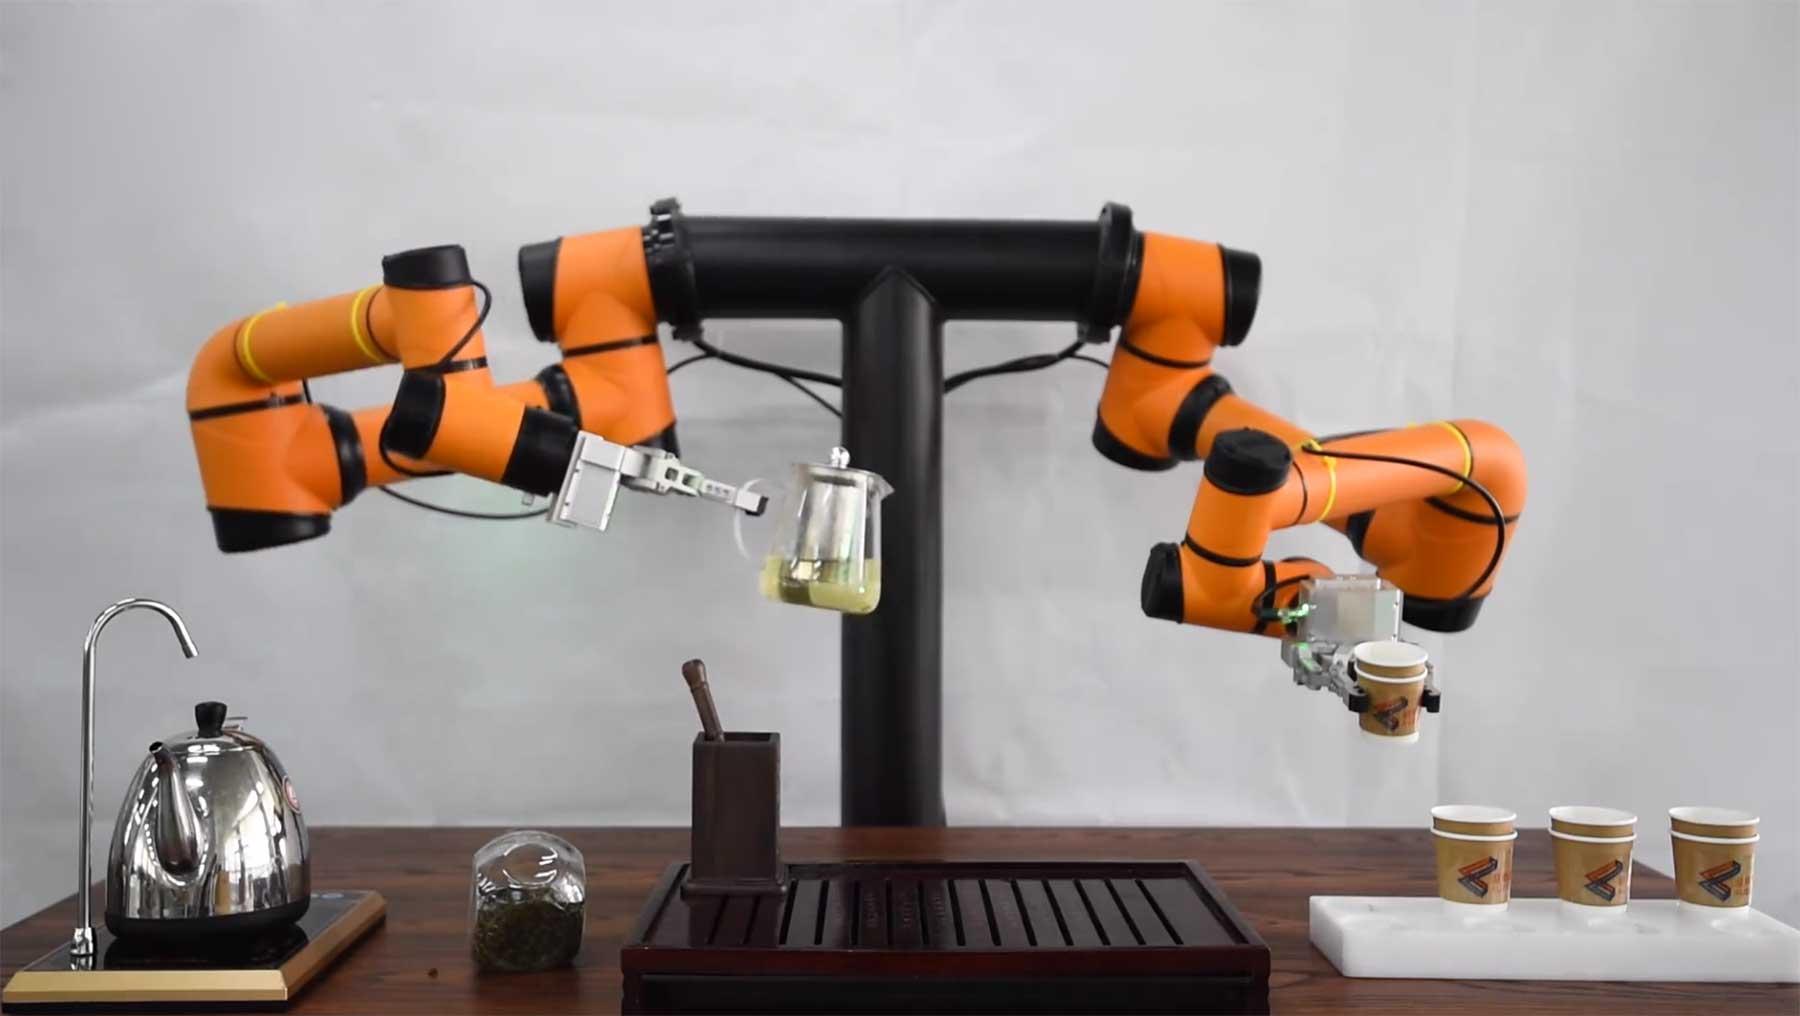 Dieser Roboter kann Tee zubereiten tee-roboter